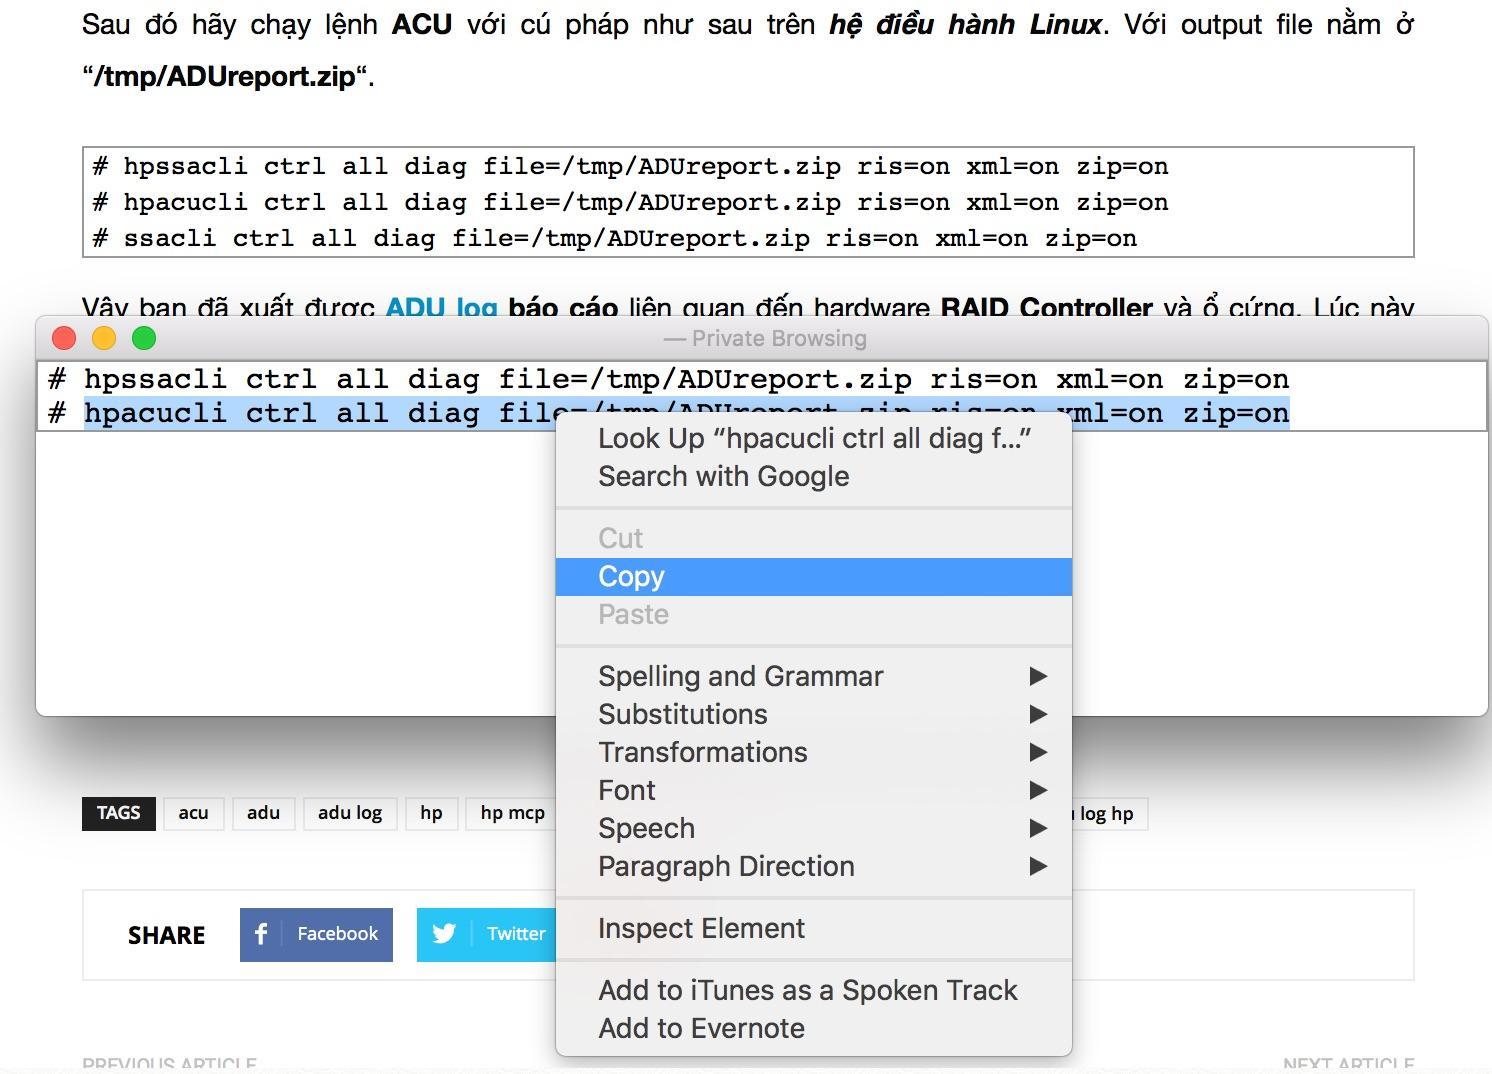 hướng dẫn copy lệnh trên website cuongquach.com - 2